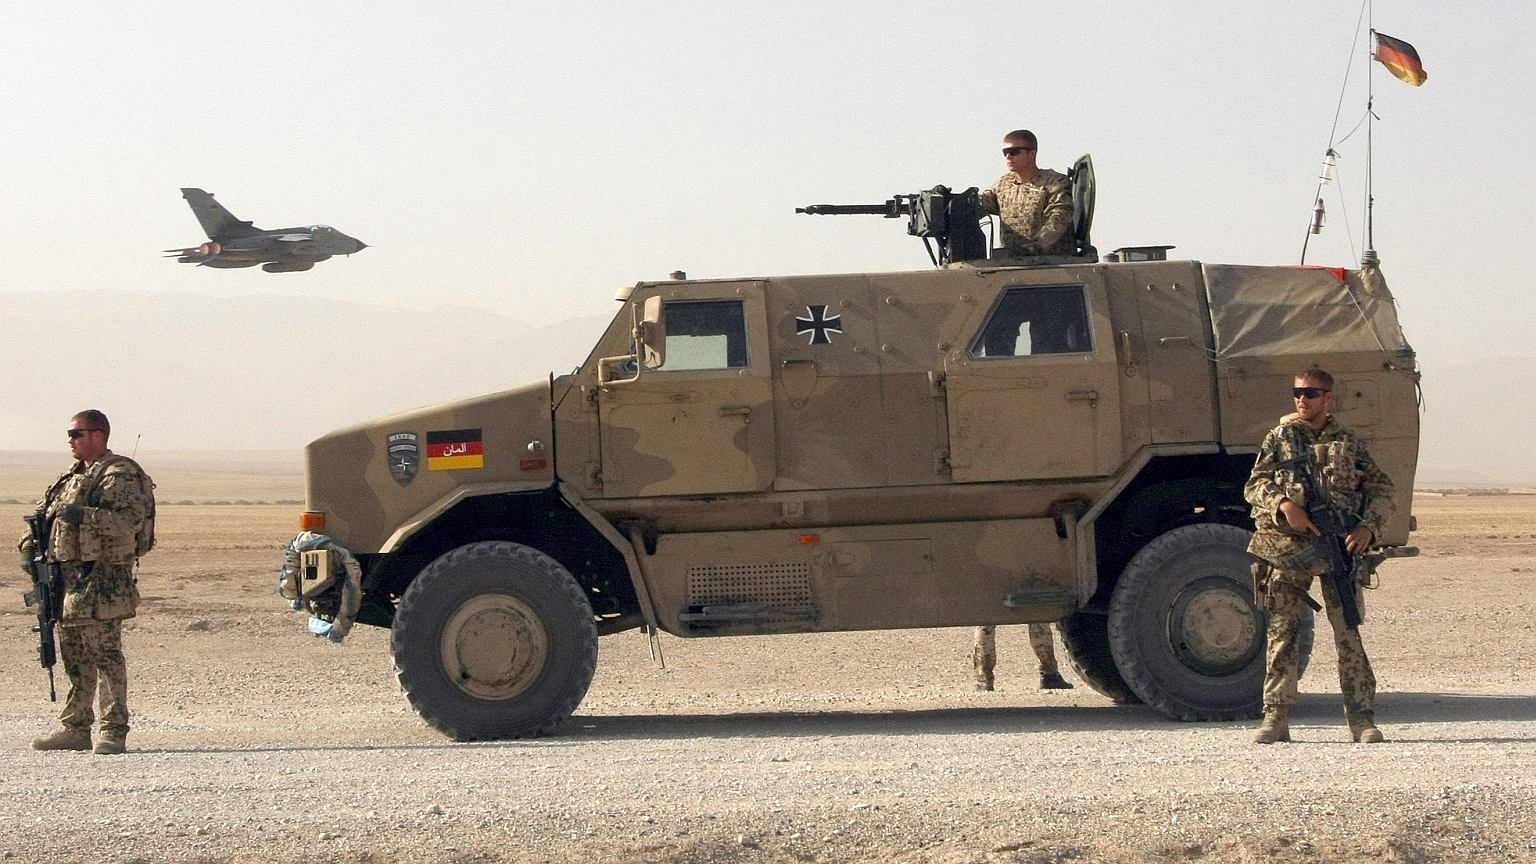 Żołnierze Bundeswehry na misji w Afganistanie